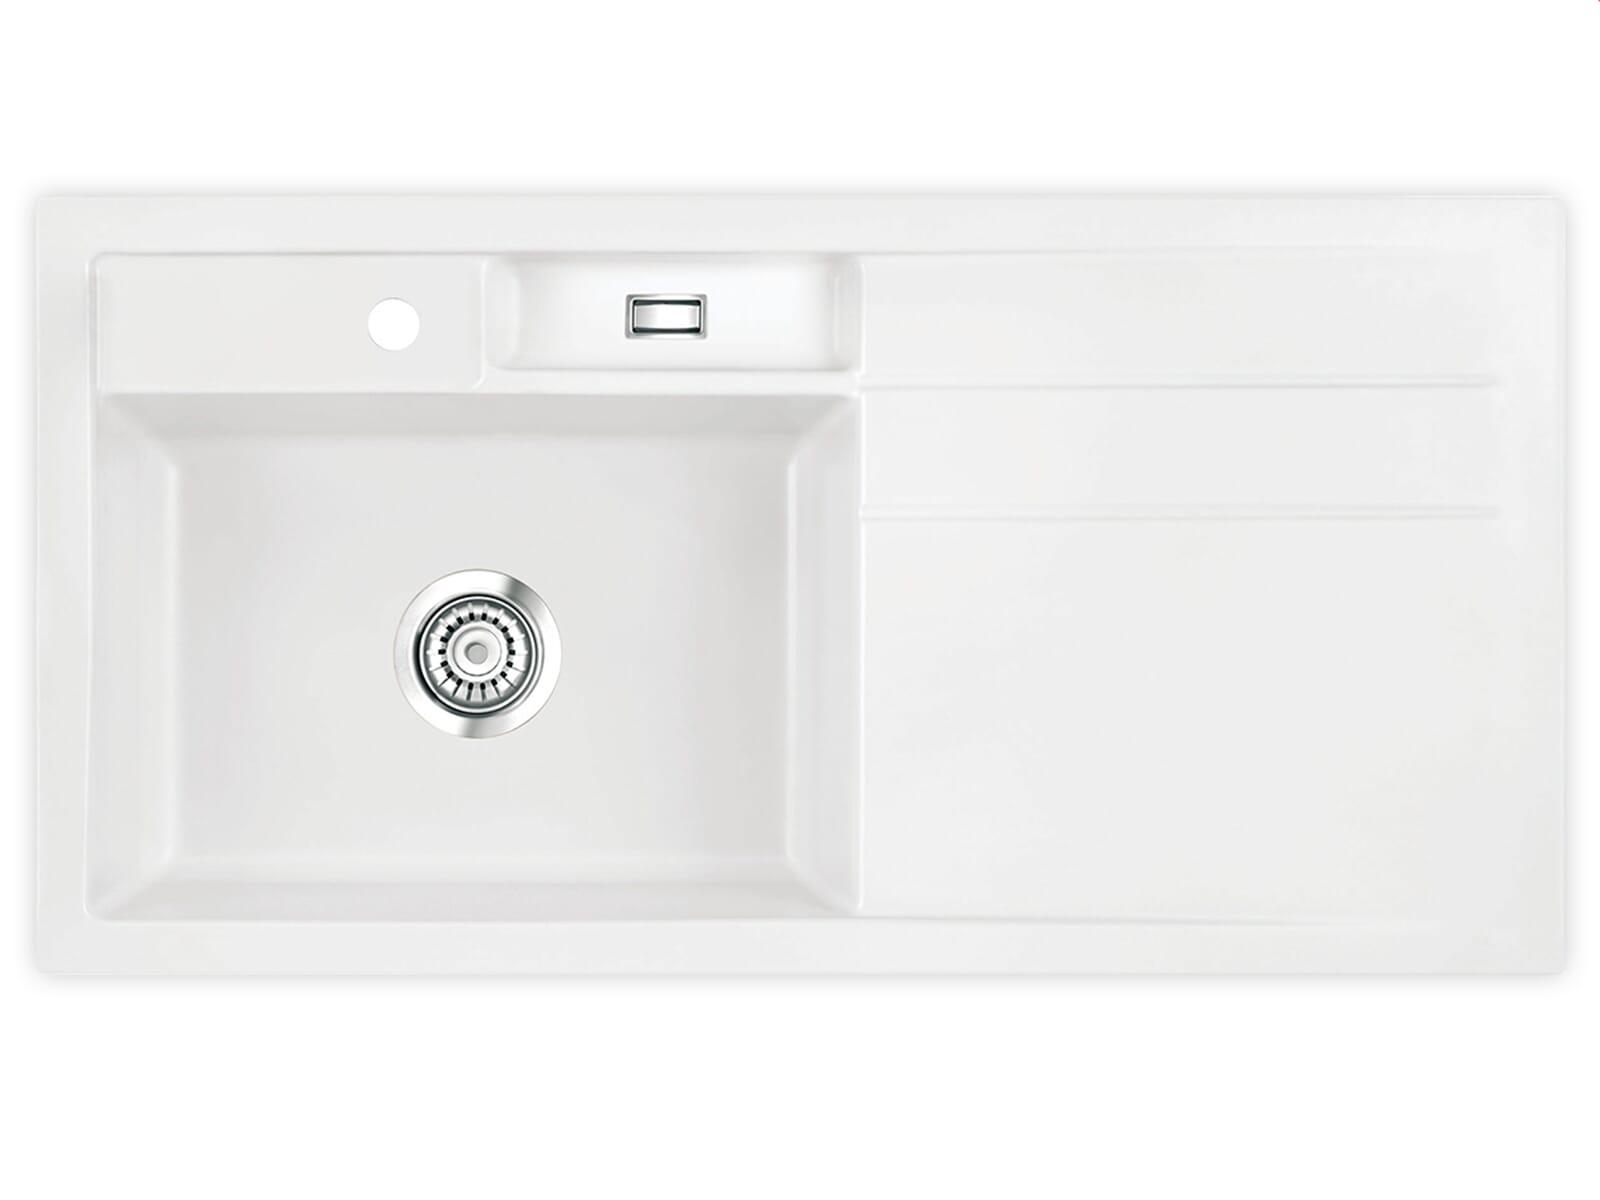 Produktabbildung Systemceram Bela 100 Polar Keramikspüle Handbetätigung